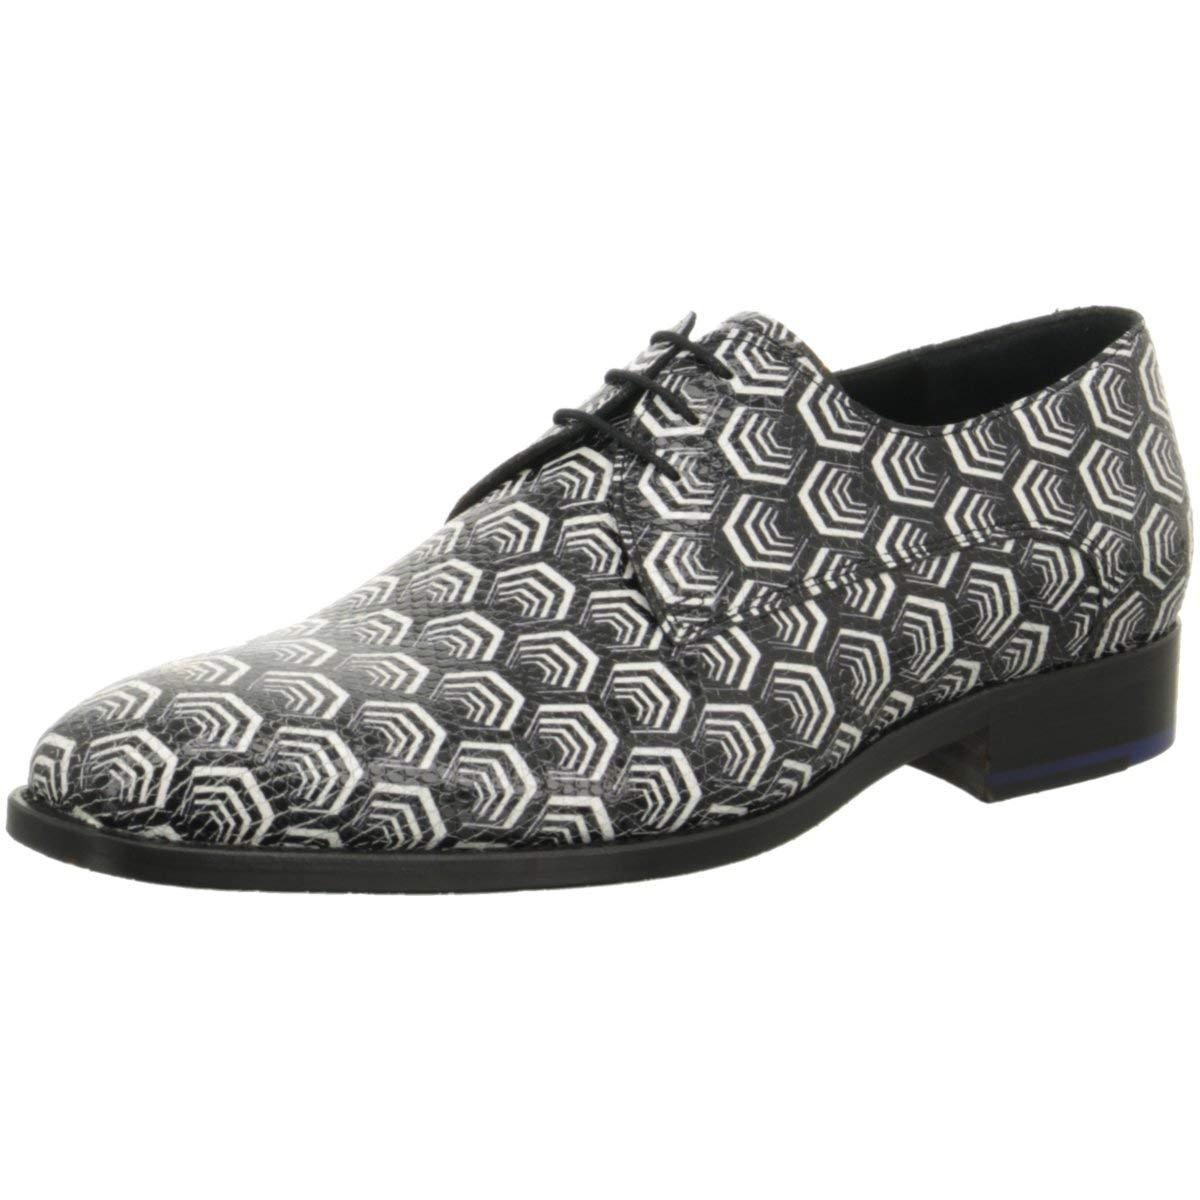 Business Schuhe Für Herren Cognac Lloyd Derby Gala Neues Angebot